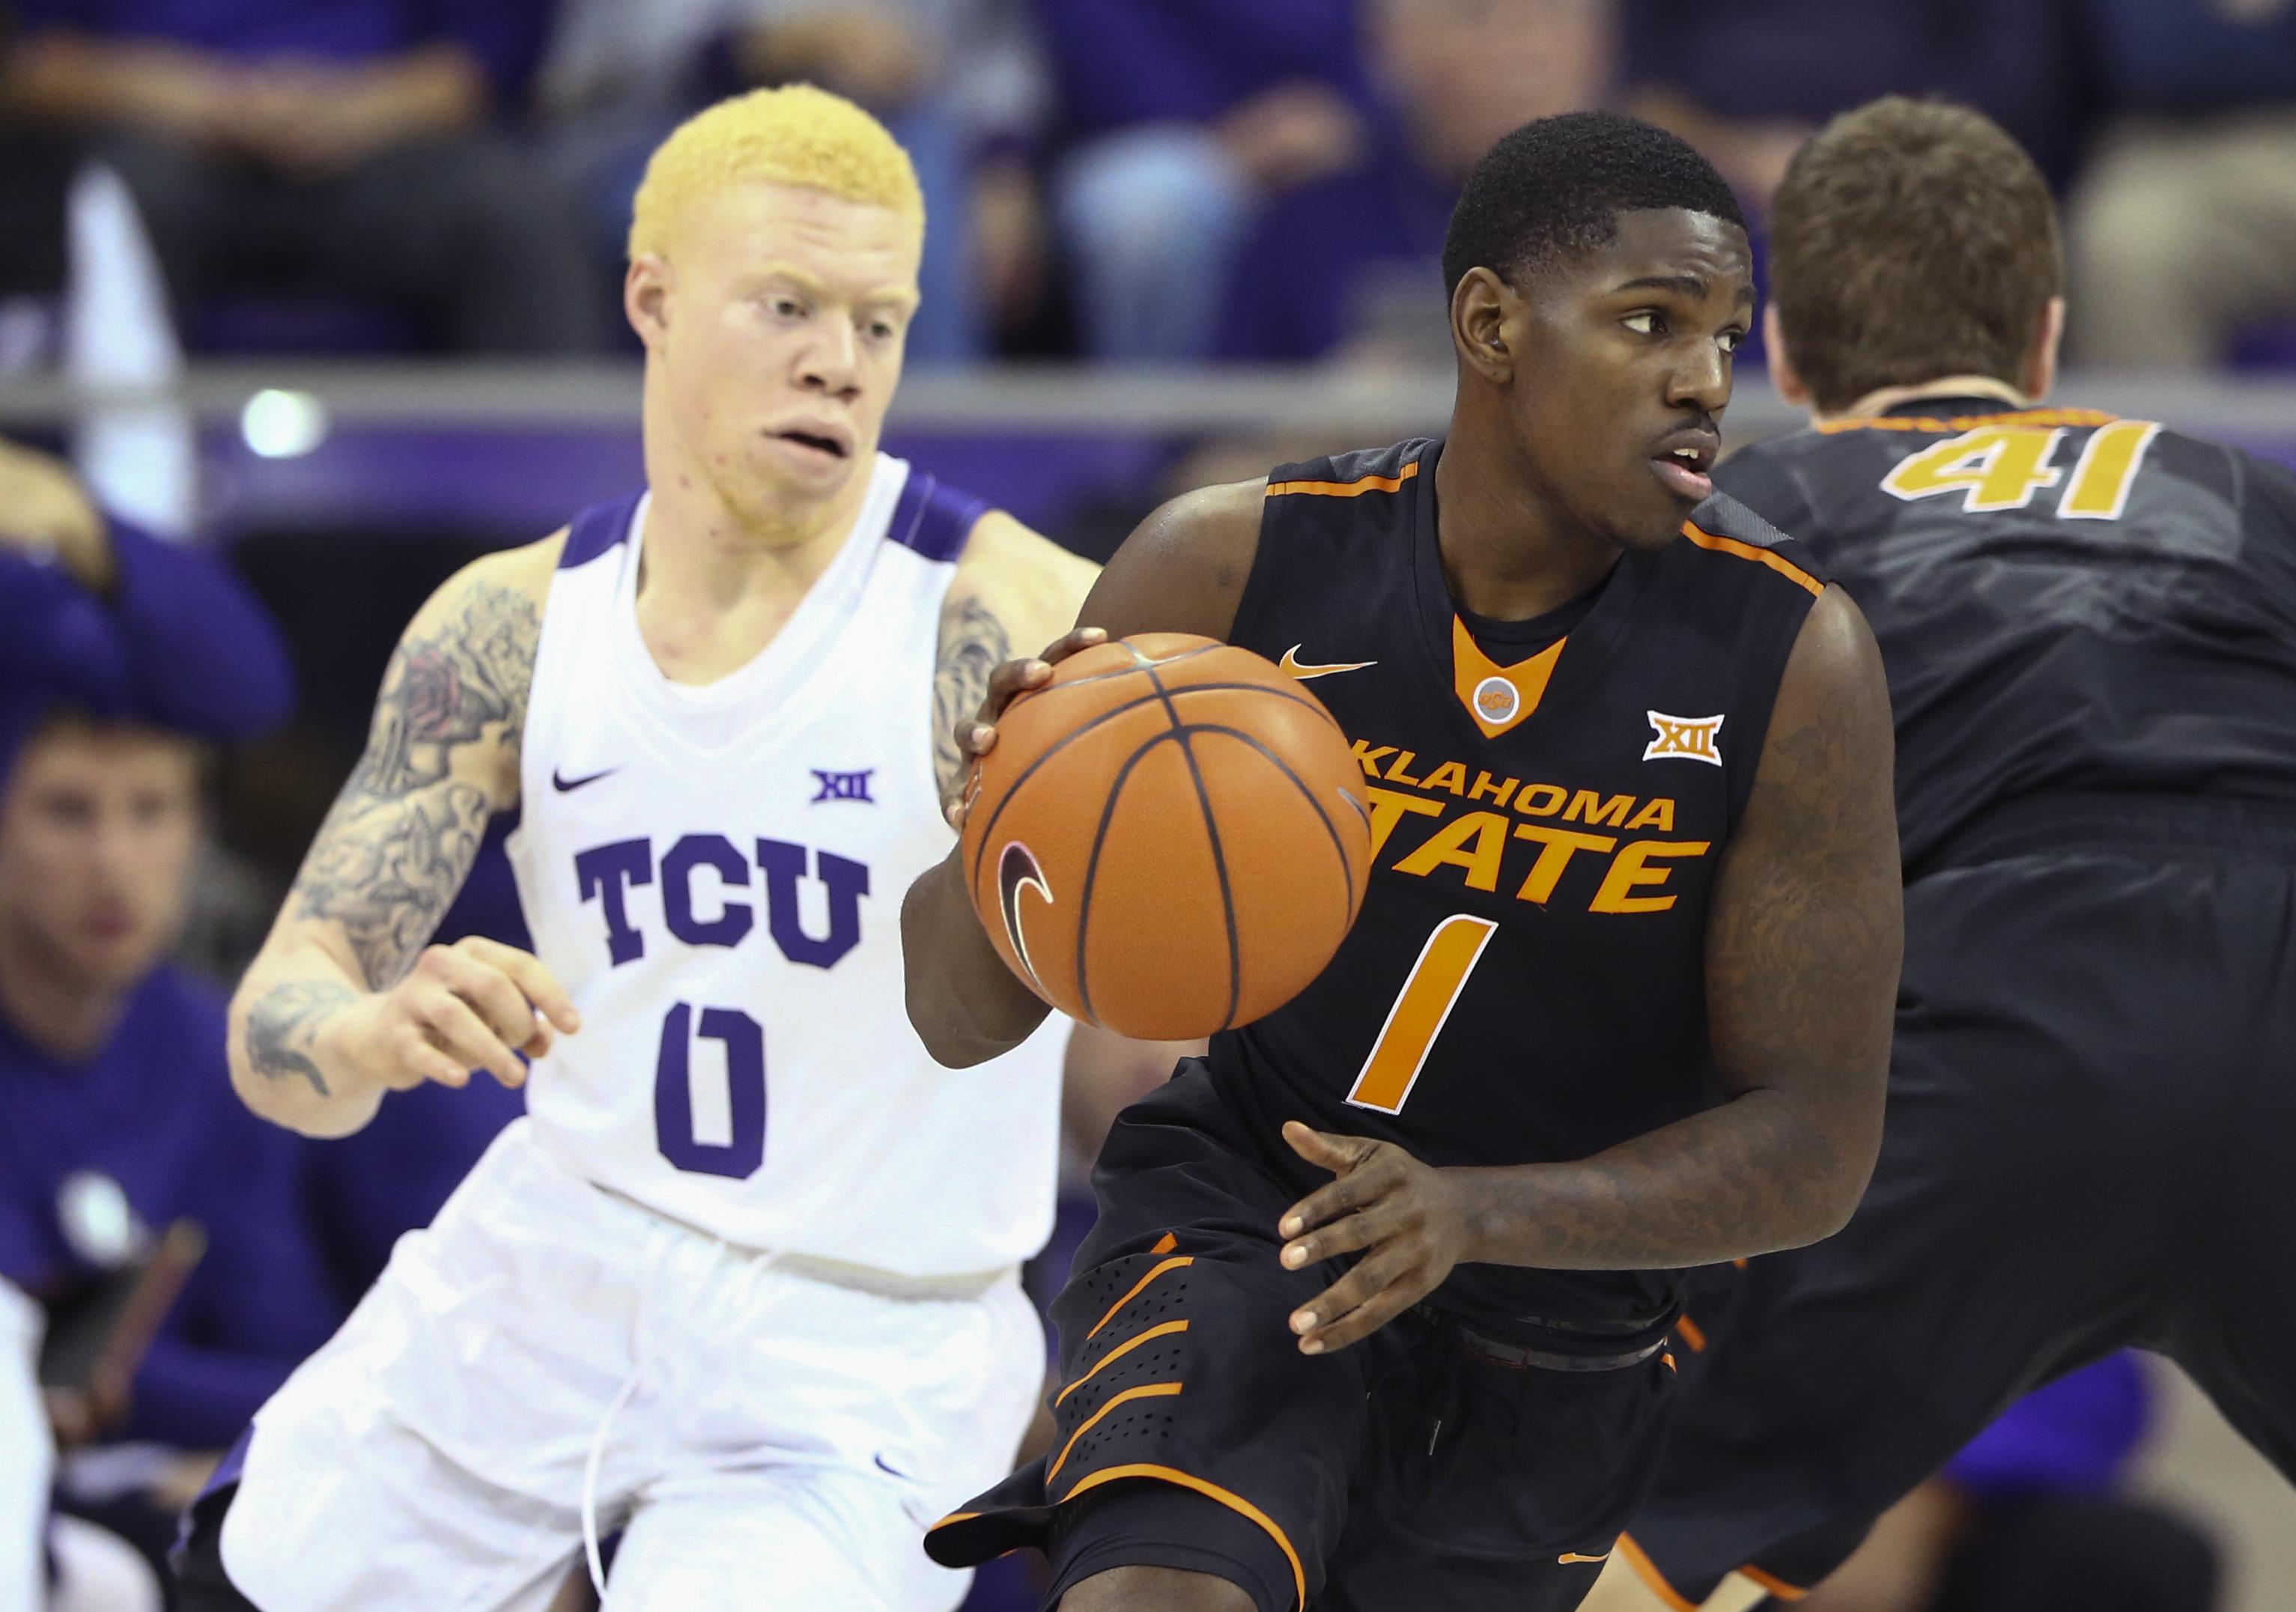 9879751-ncaa-basketball-oklahoma-state-at-texas-christian